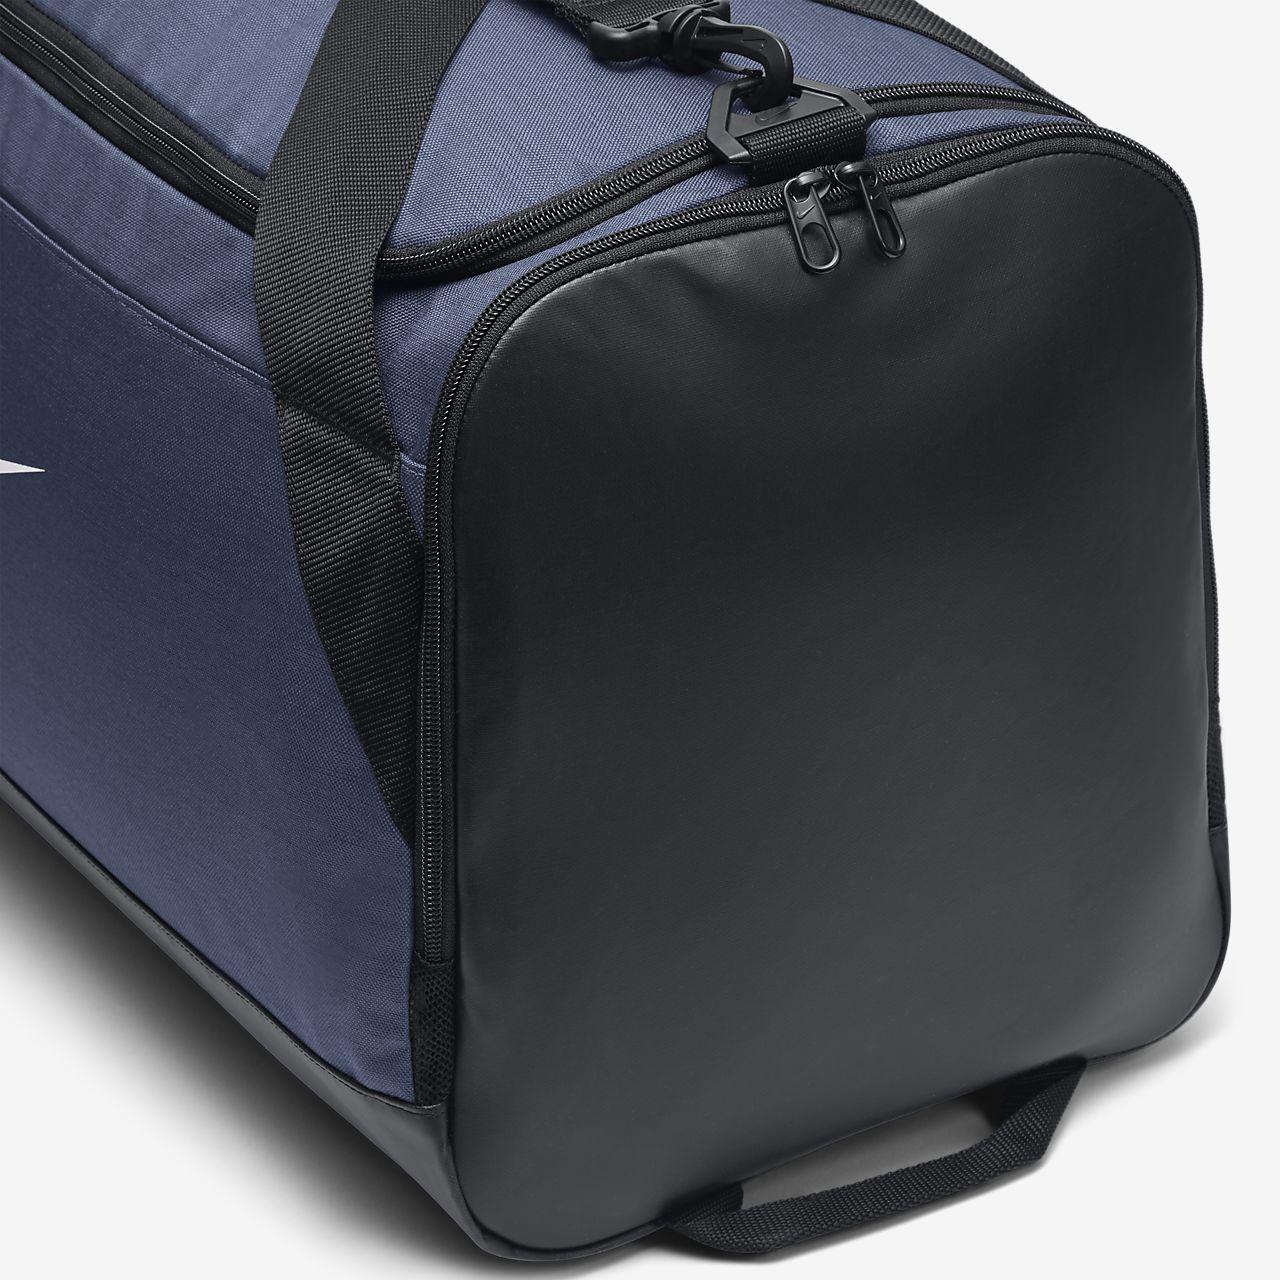 a8225633e5 Τσάντα γυμναστηρίου Nike Brasilia (μέγεθος Medium). Nike.com GR